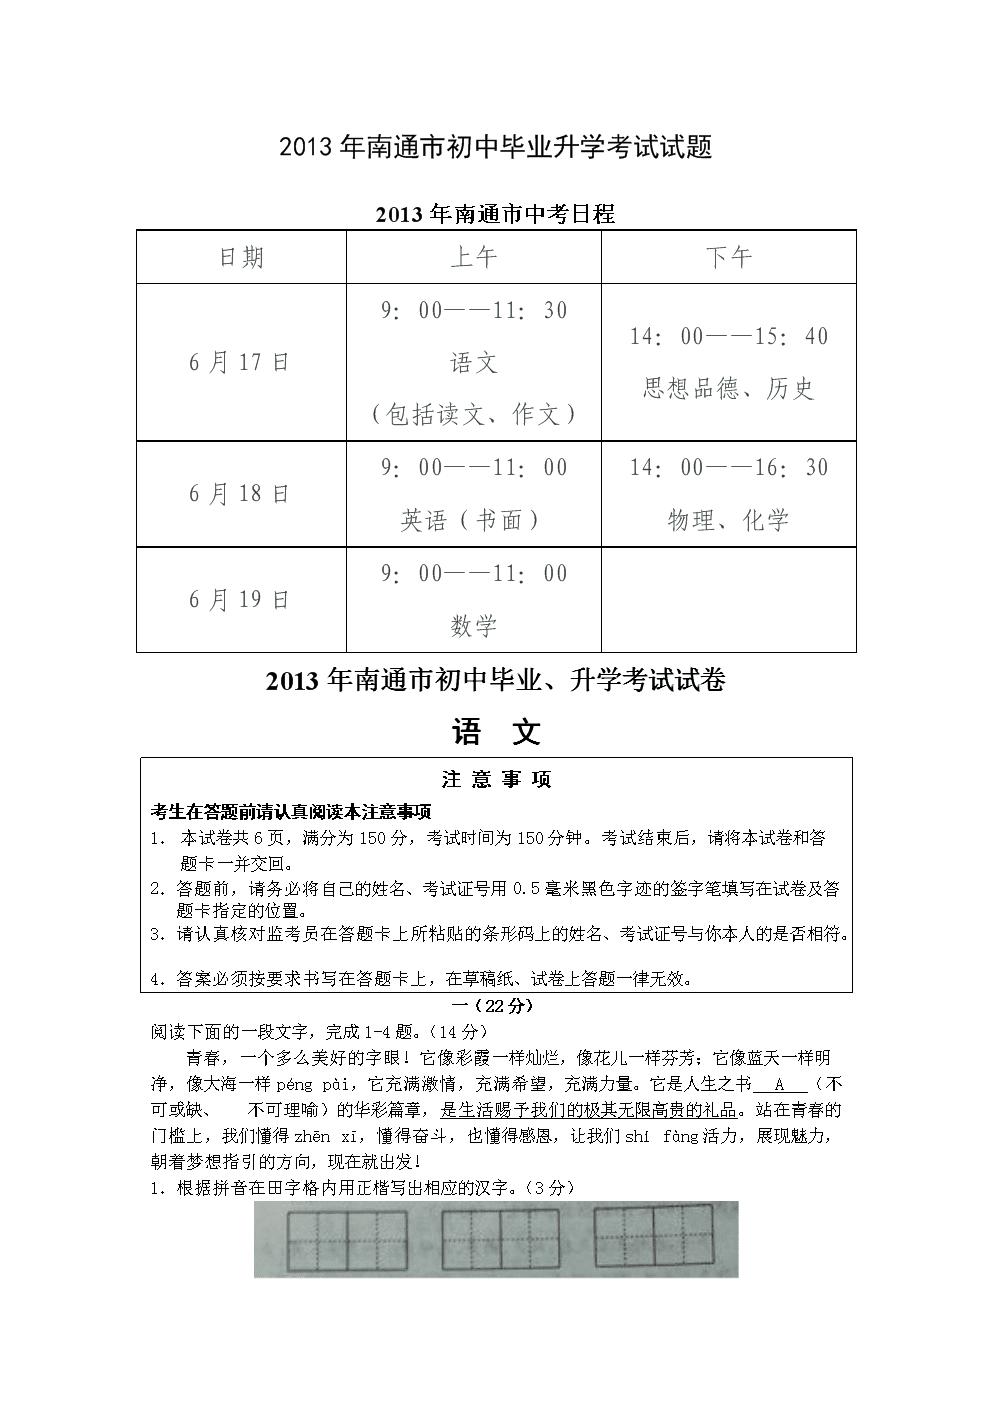 2013年南通市初中毕业升学考试试题.doc